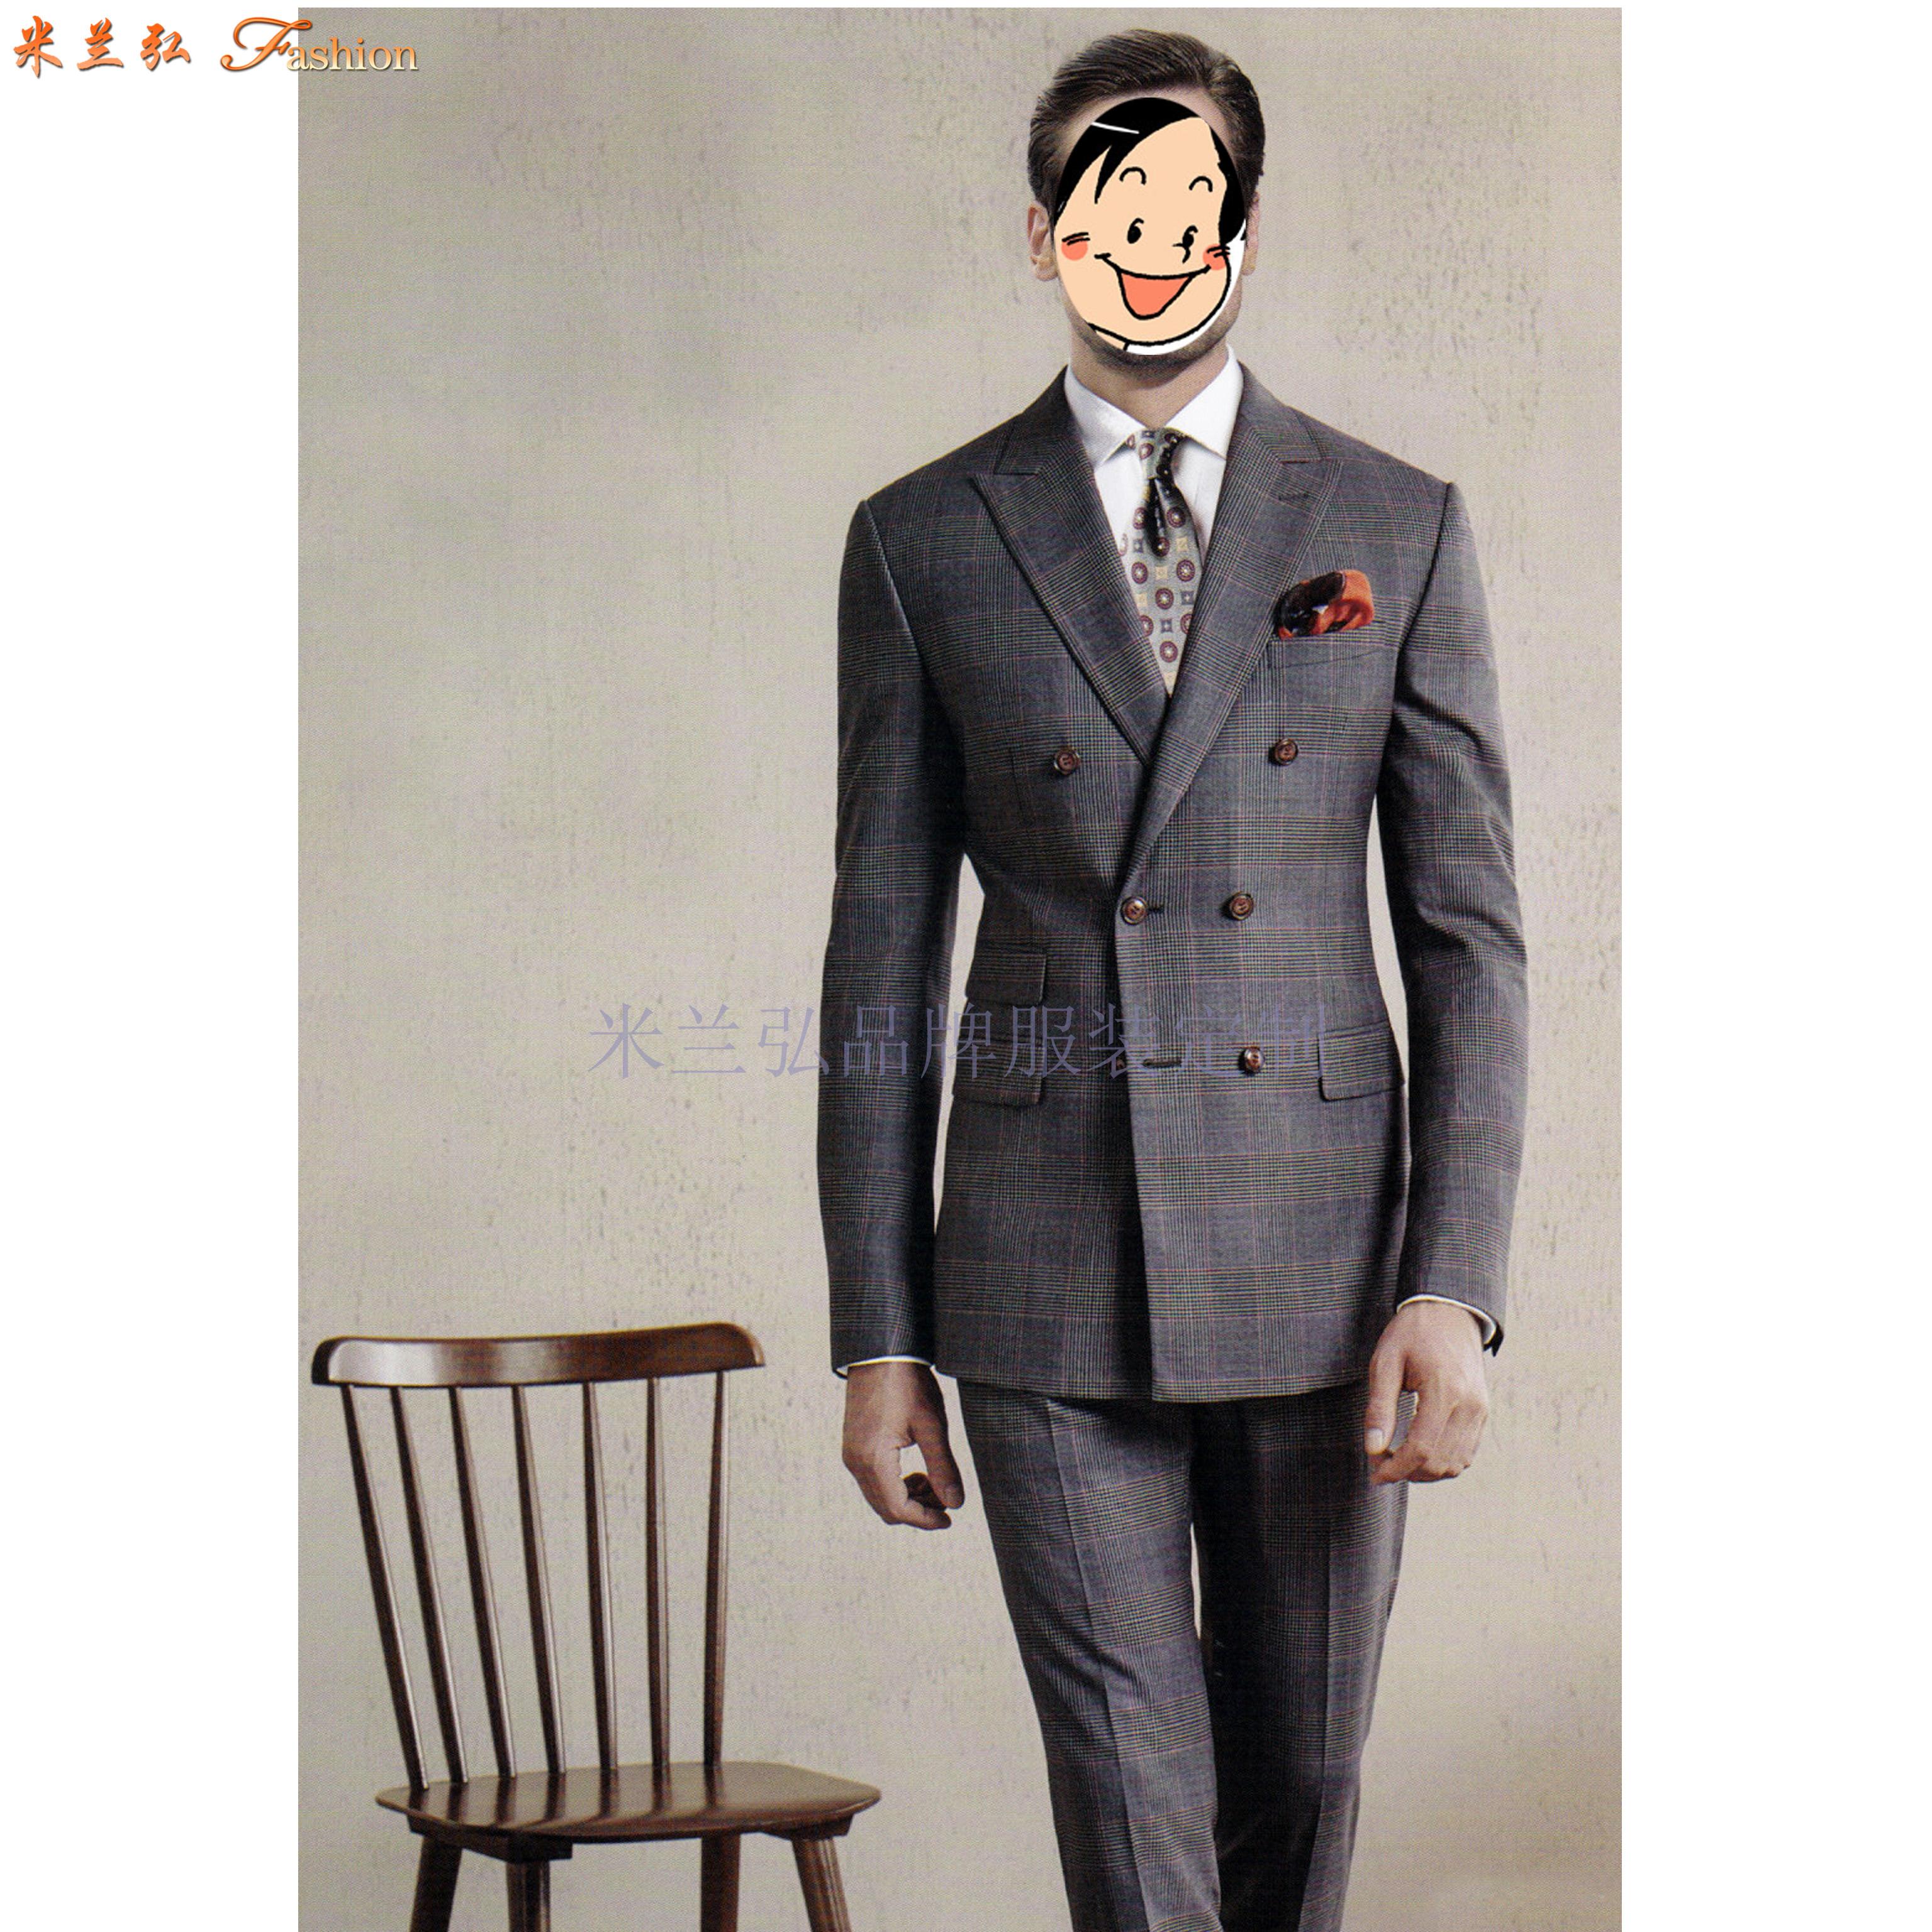 廣東西服定制---廣東量身訂制西服品牌